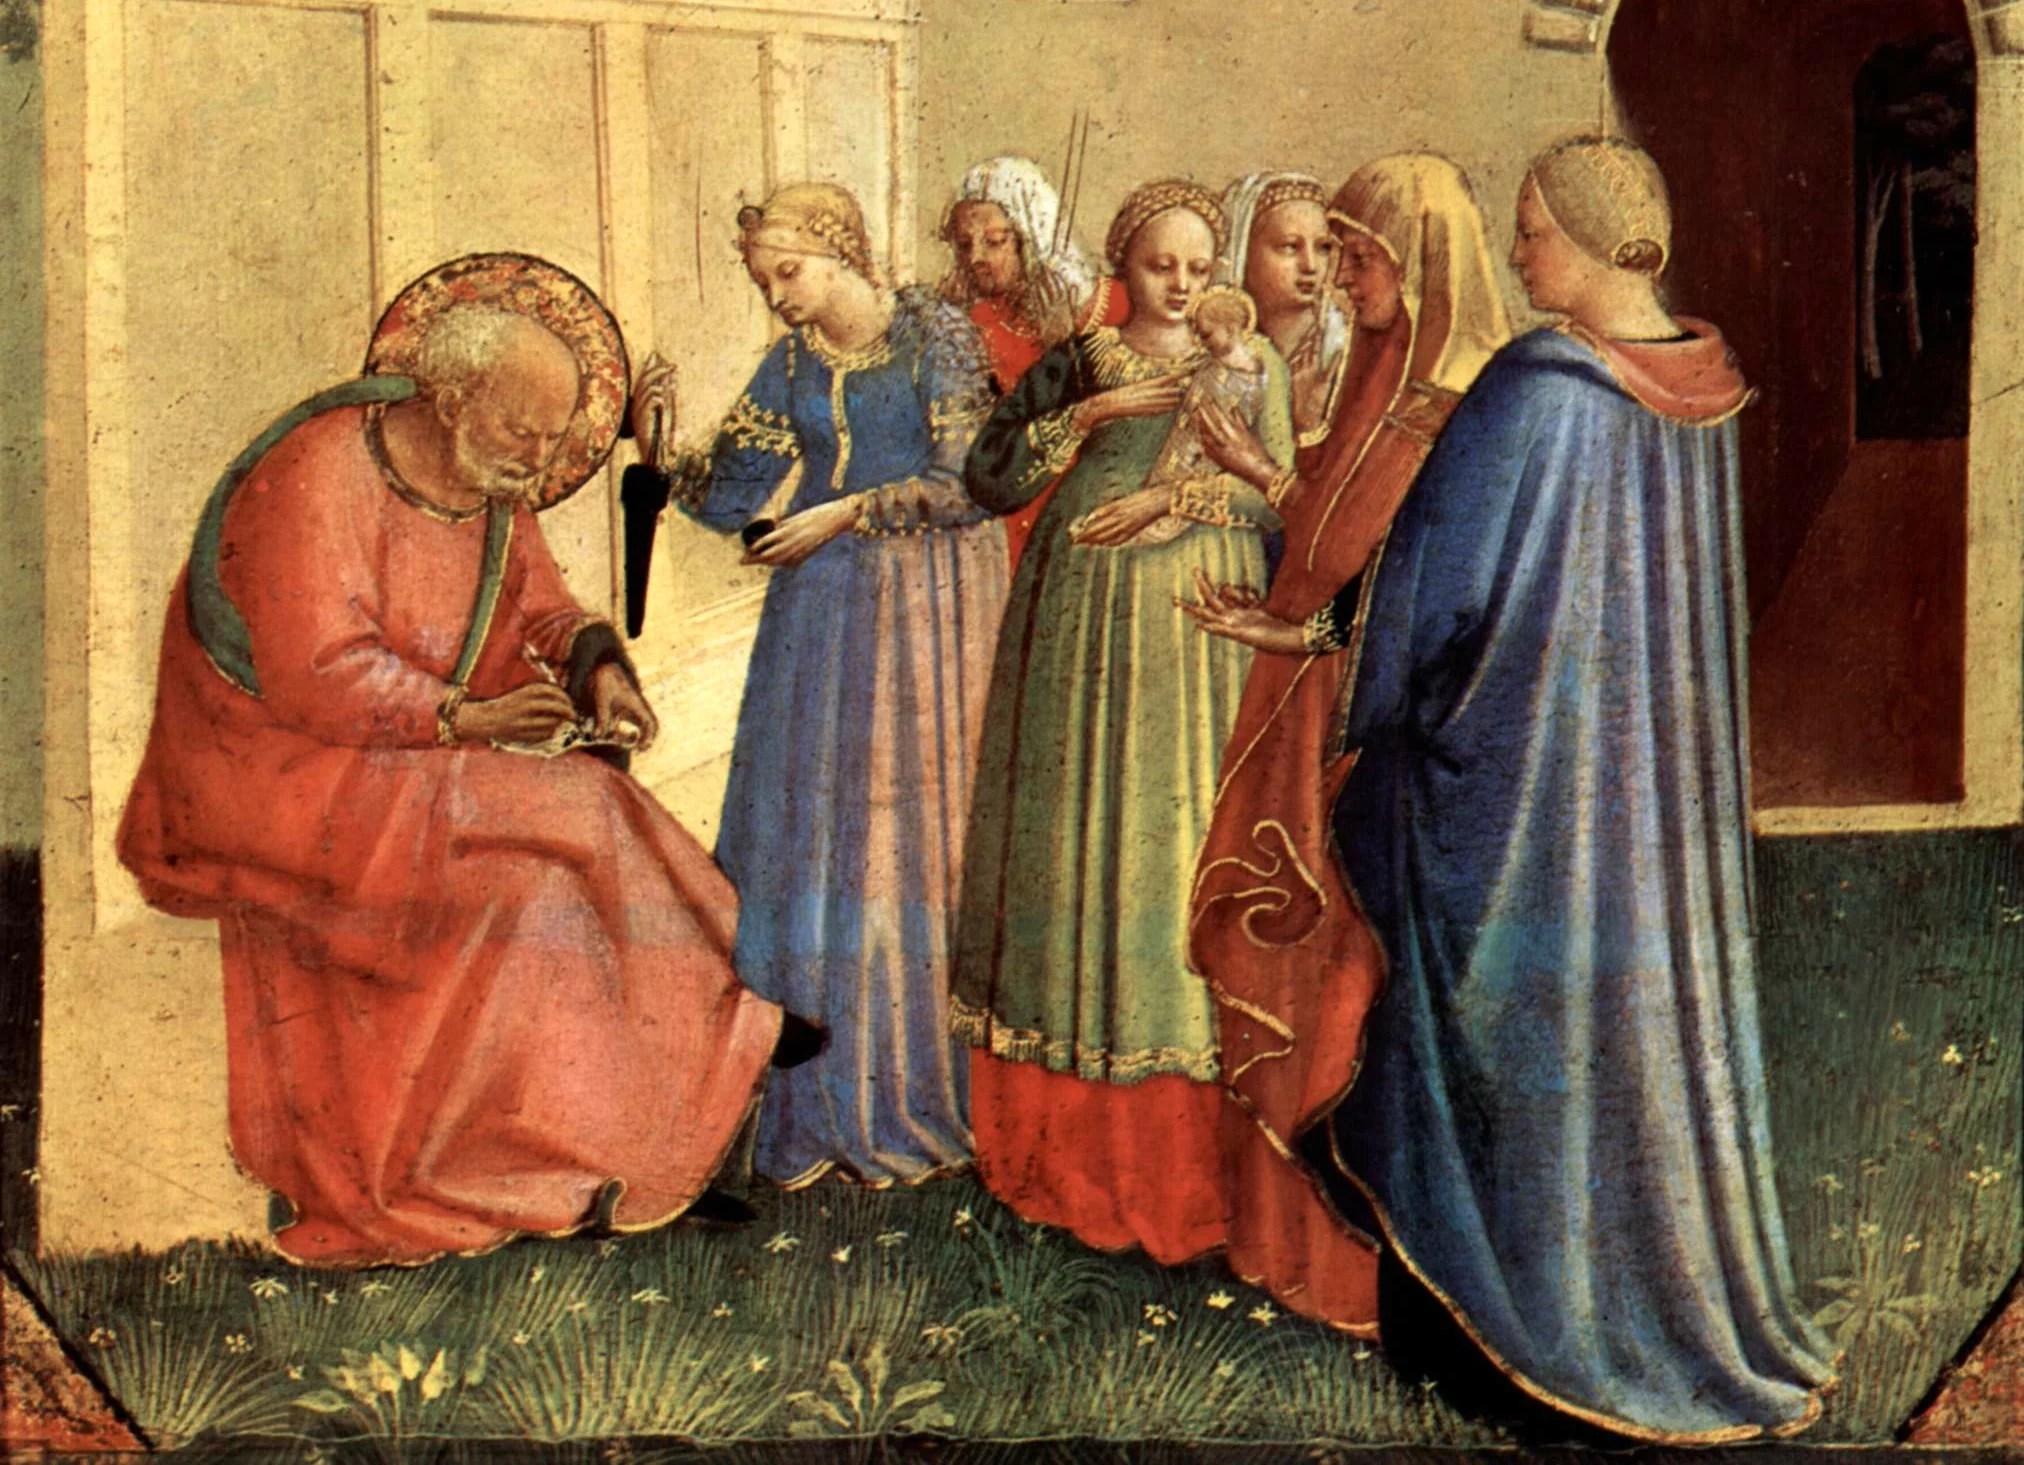 Daily Bible Reading Devotional Luke 1 57 66 September 5